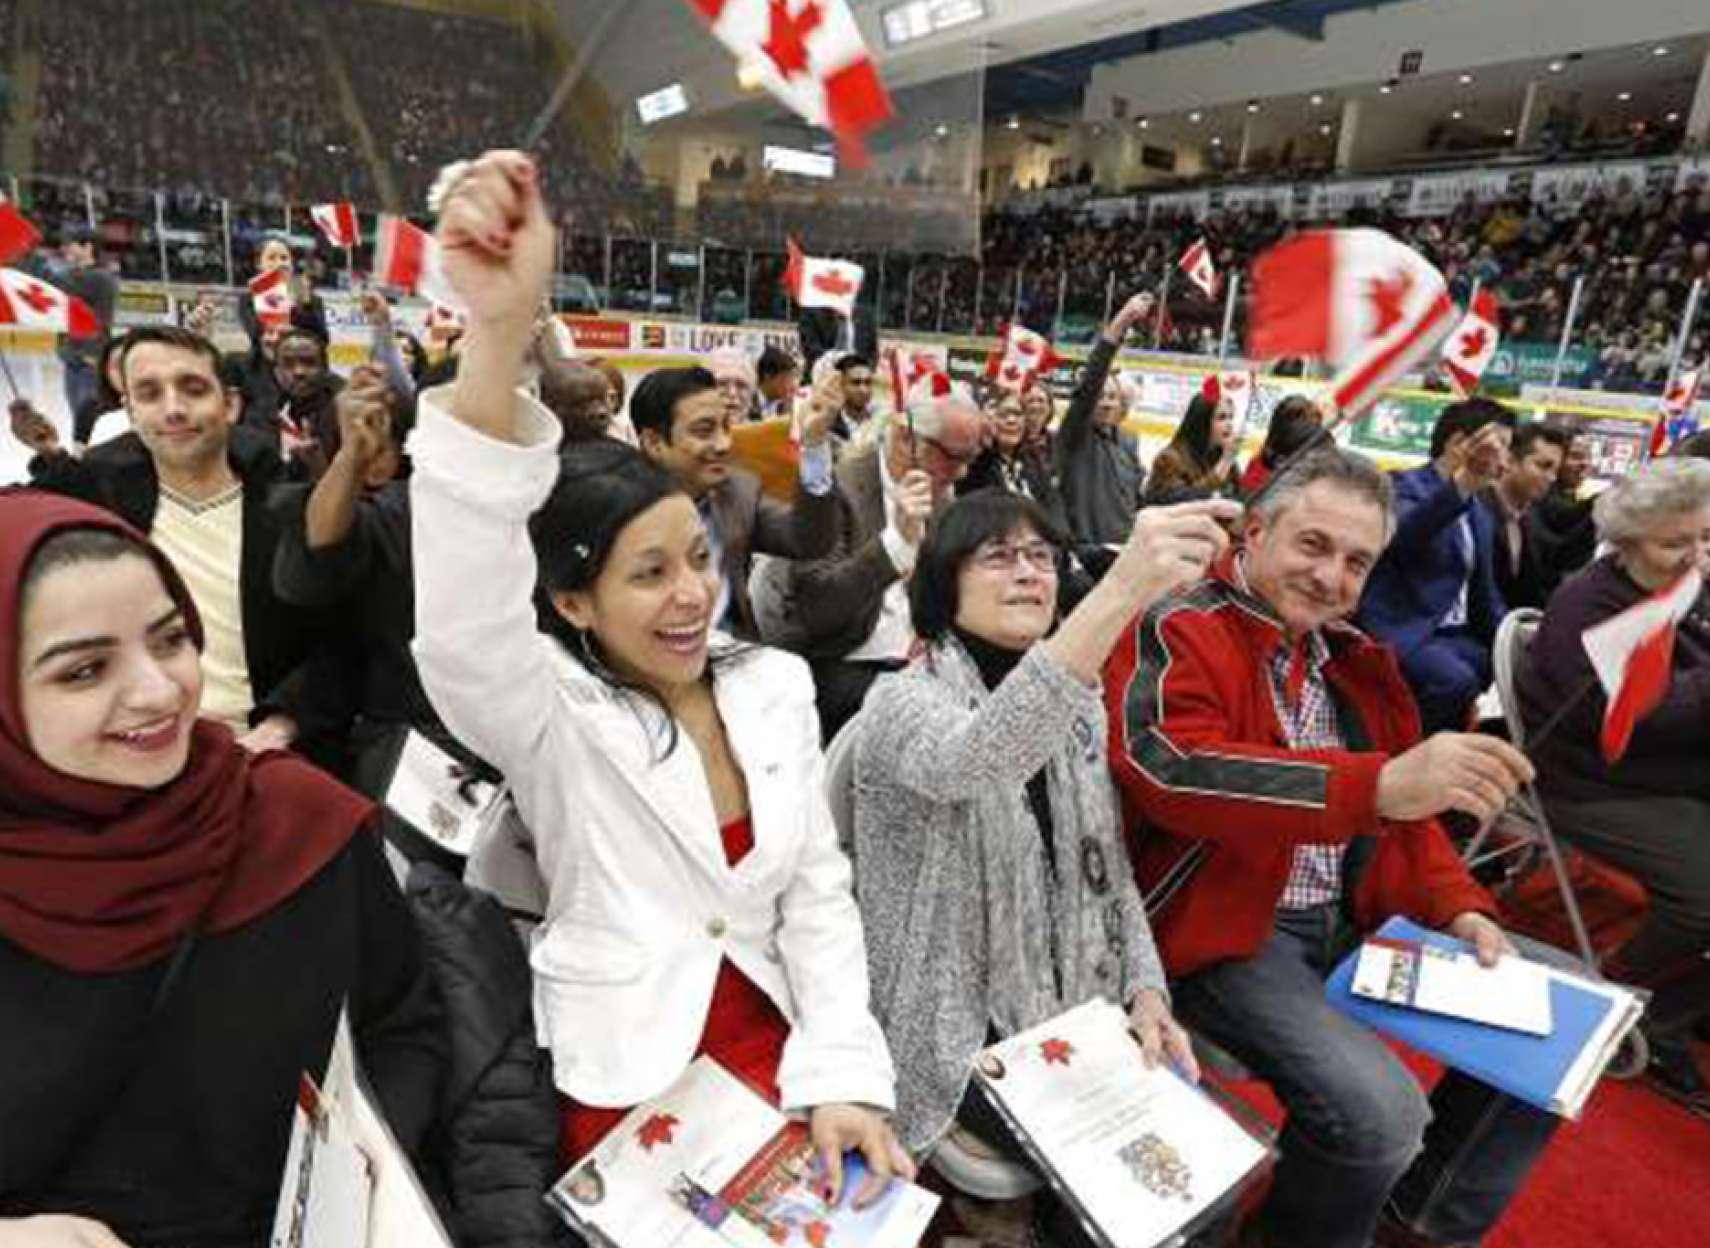 اخبار-تورنتو-اداره-مهاجرت-مهاجران-به-اطراف-تورنتو-بروند